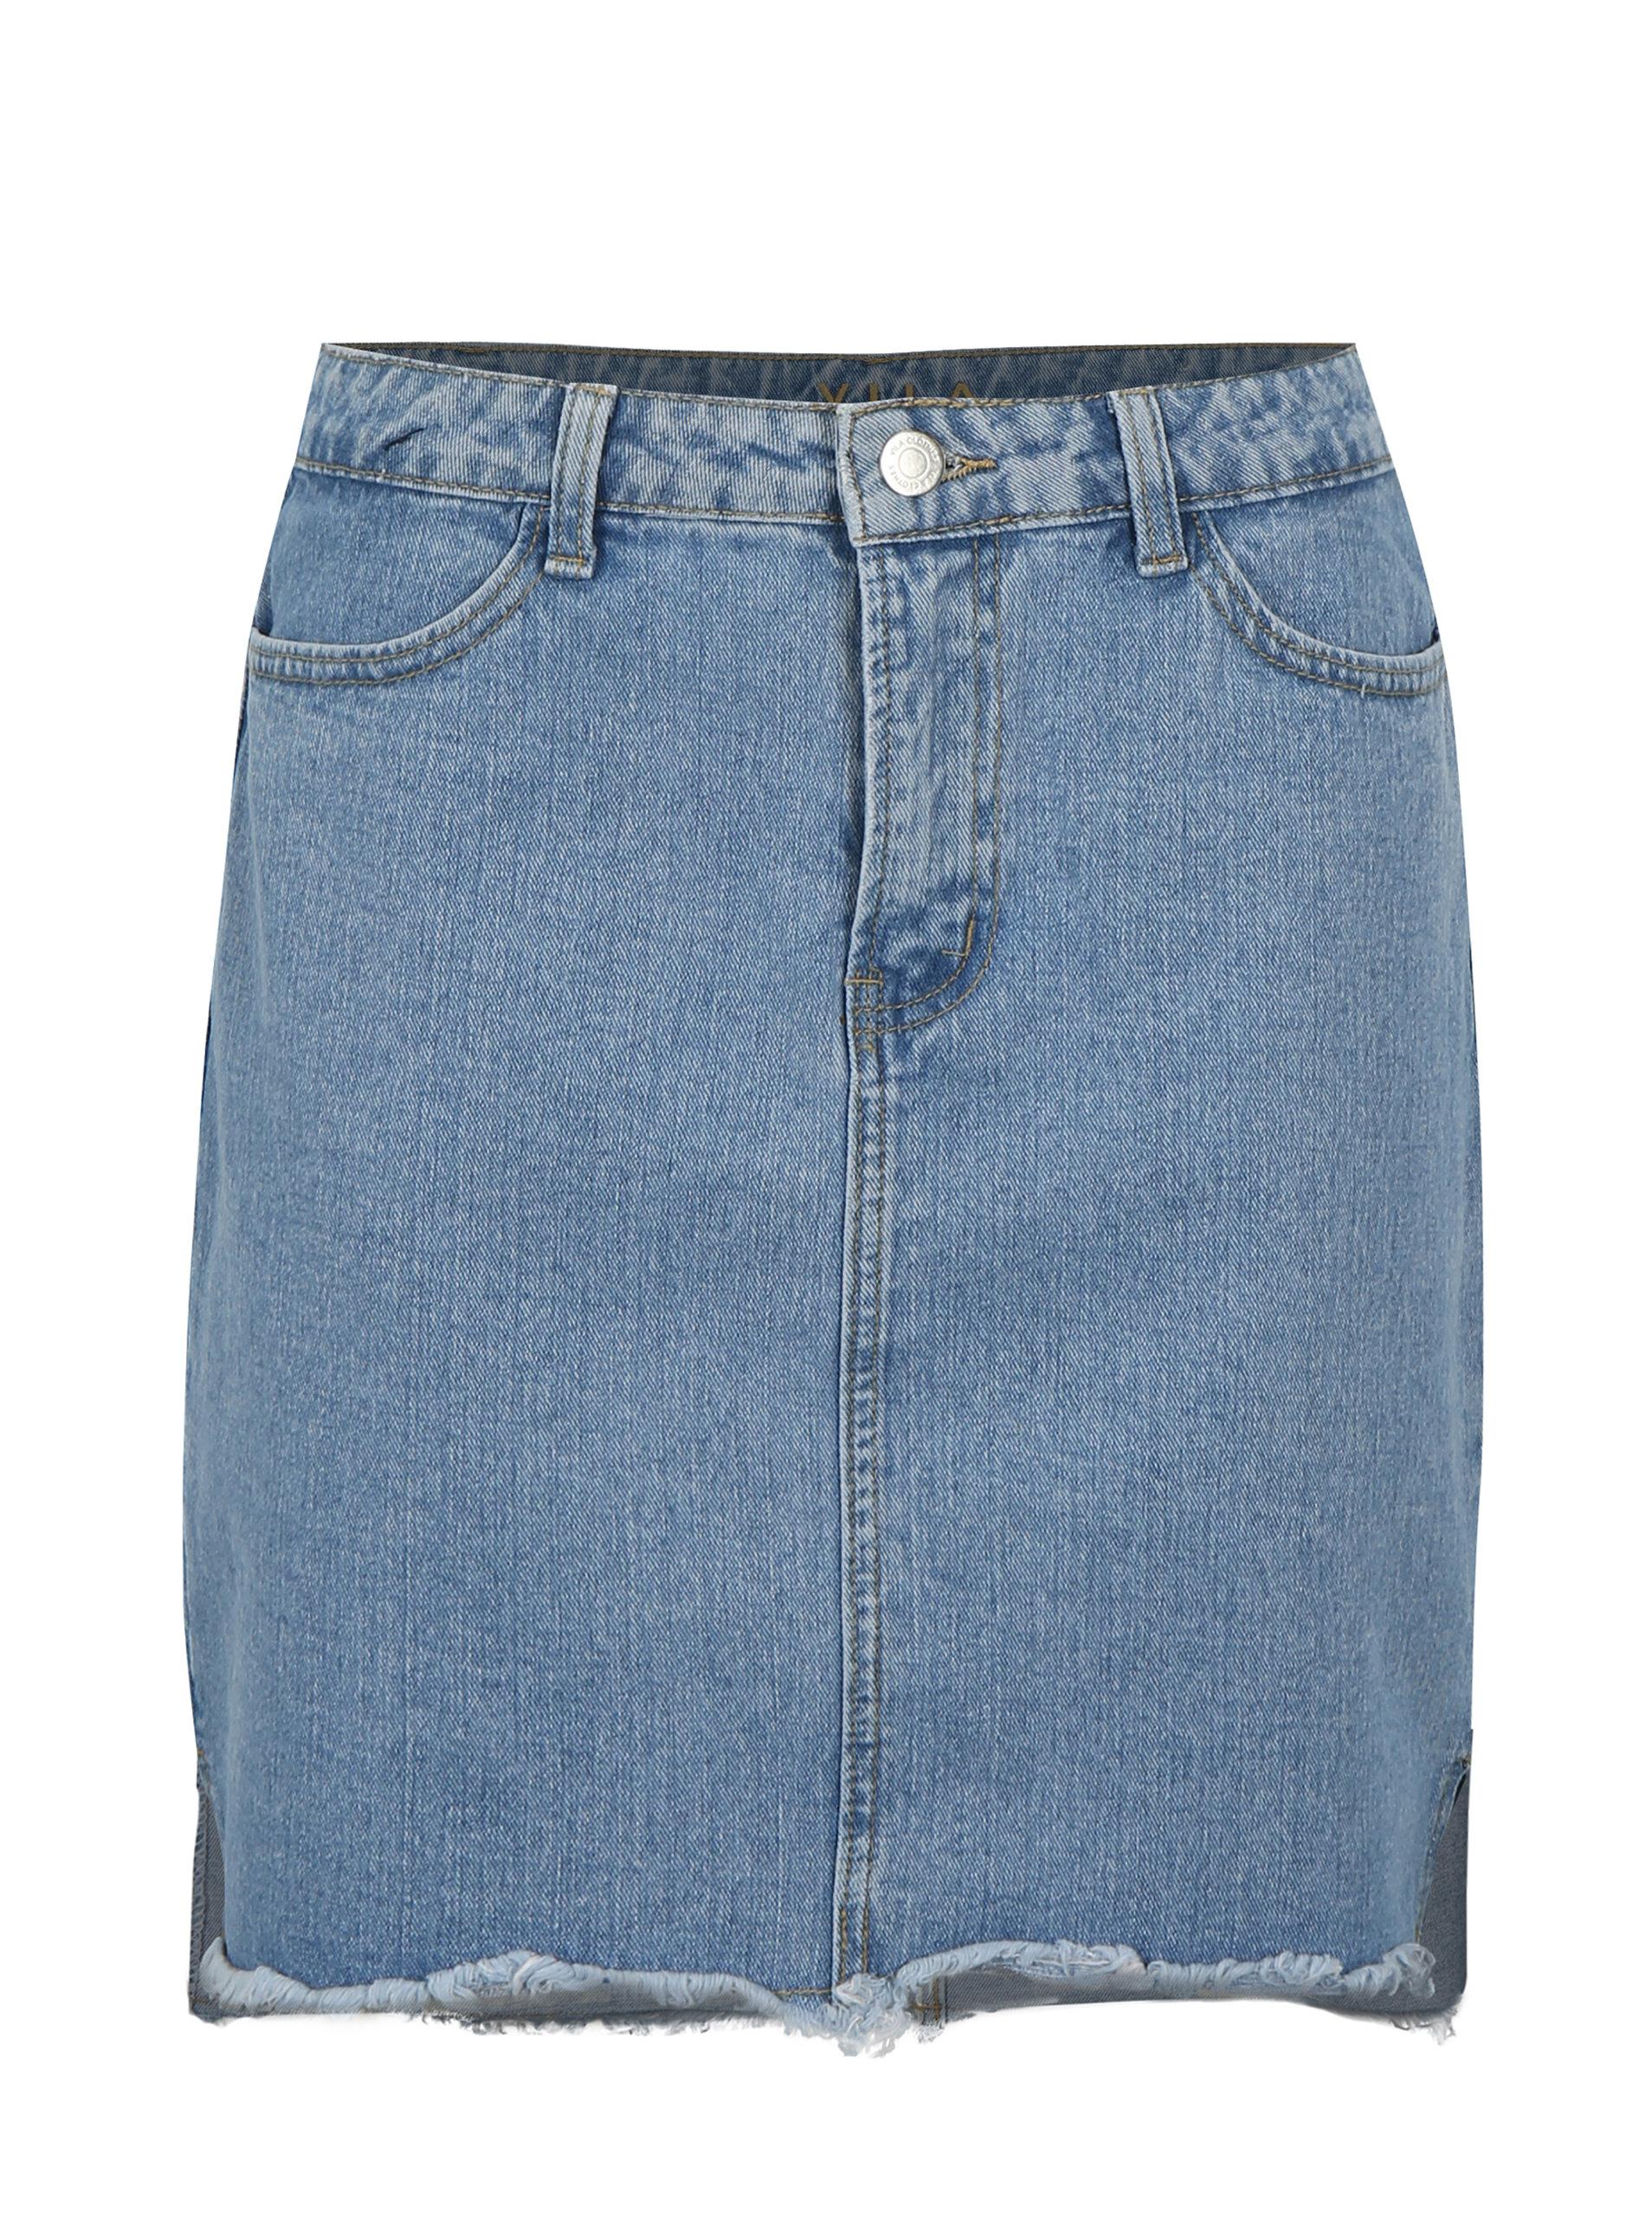 Světle modrá džínová sukně s roztřepenými lemy VILA Jules ... 45dd89a8d5